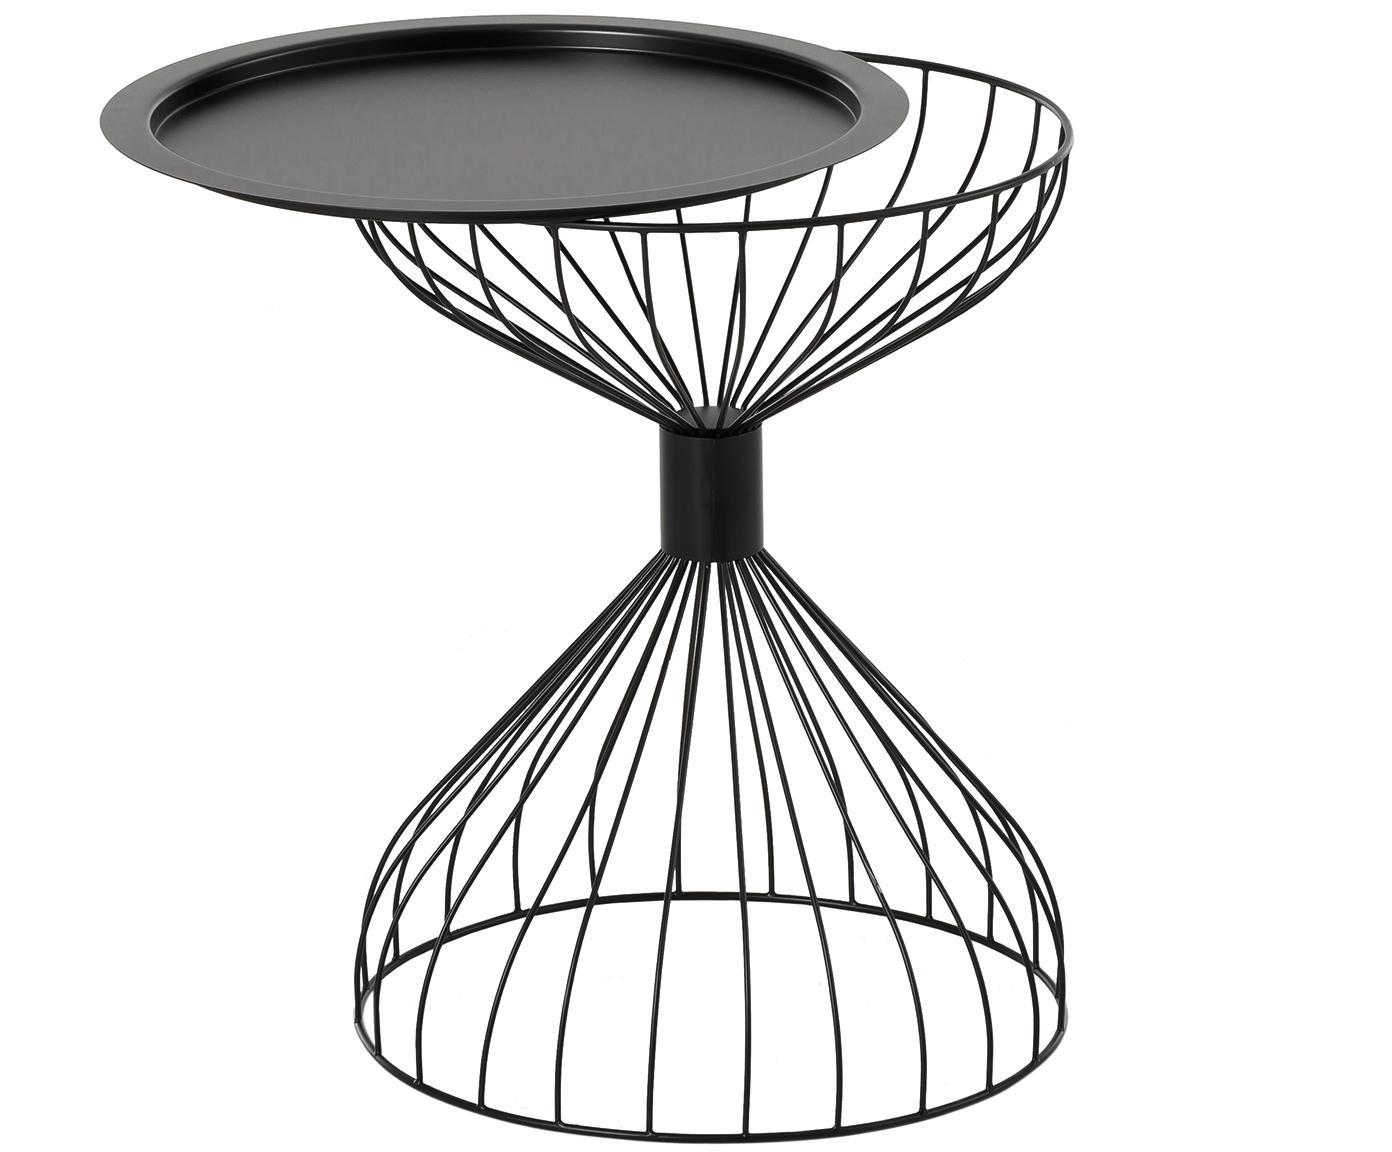 Stolik-taca  Marmaris, Metal malowany proszkowo, Czarny, matowy, Ø 50 x W 58 cm